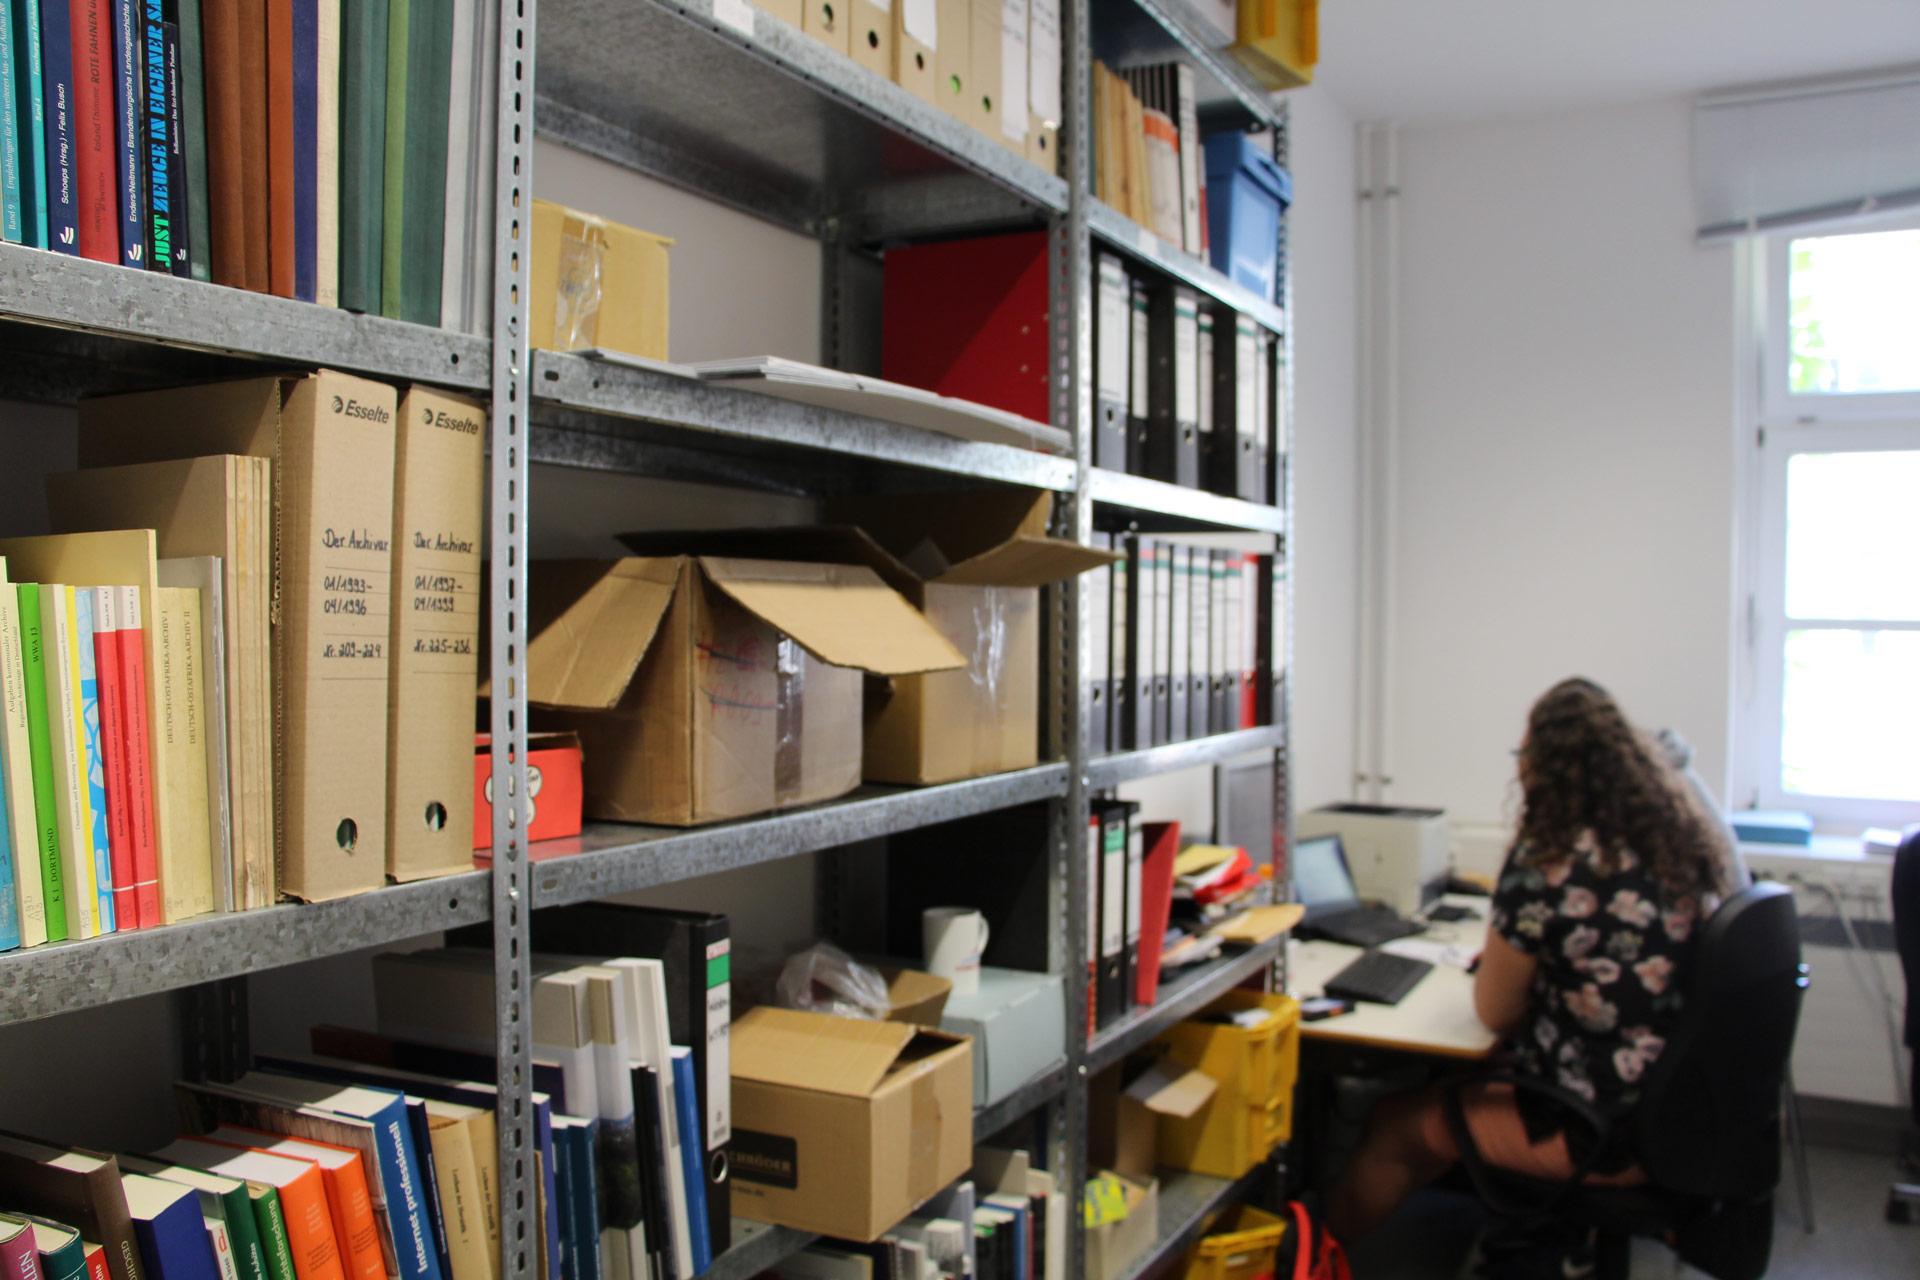 Büro des Hochschularchives mit vollgestellten Regalen